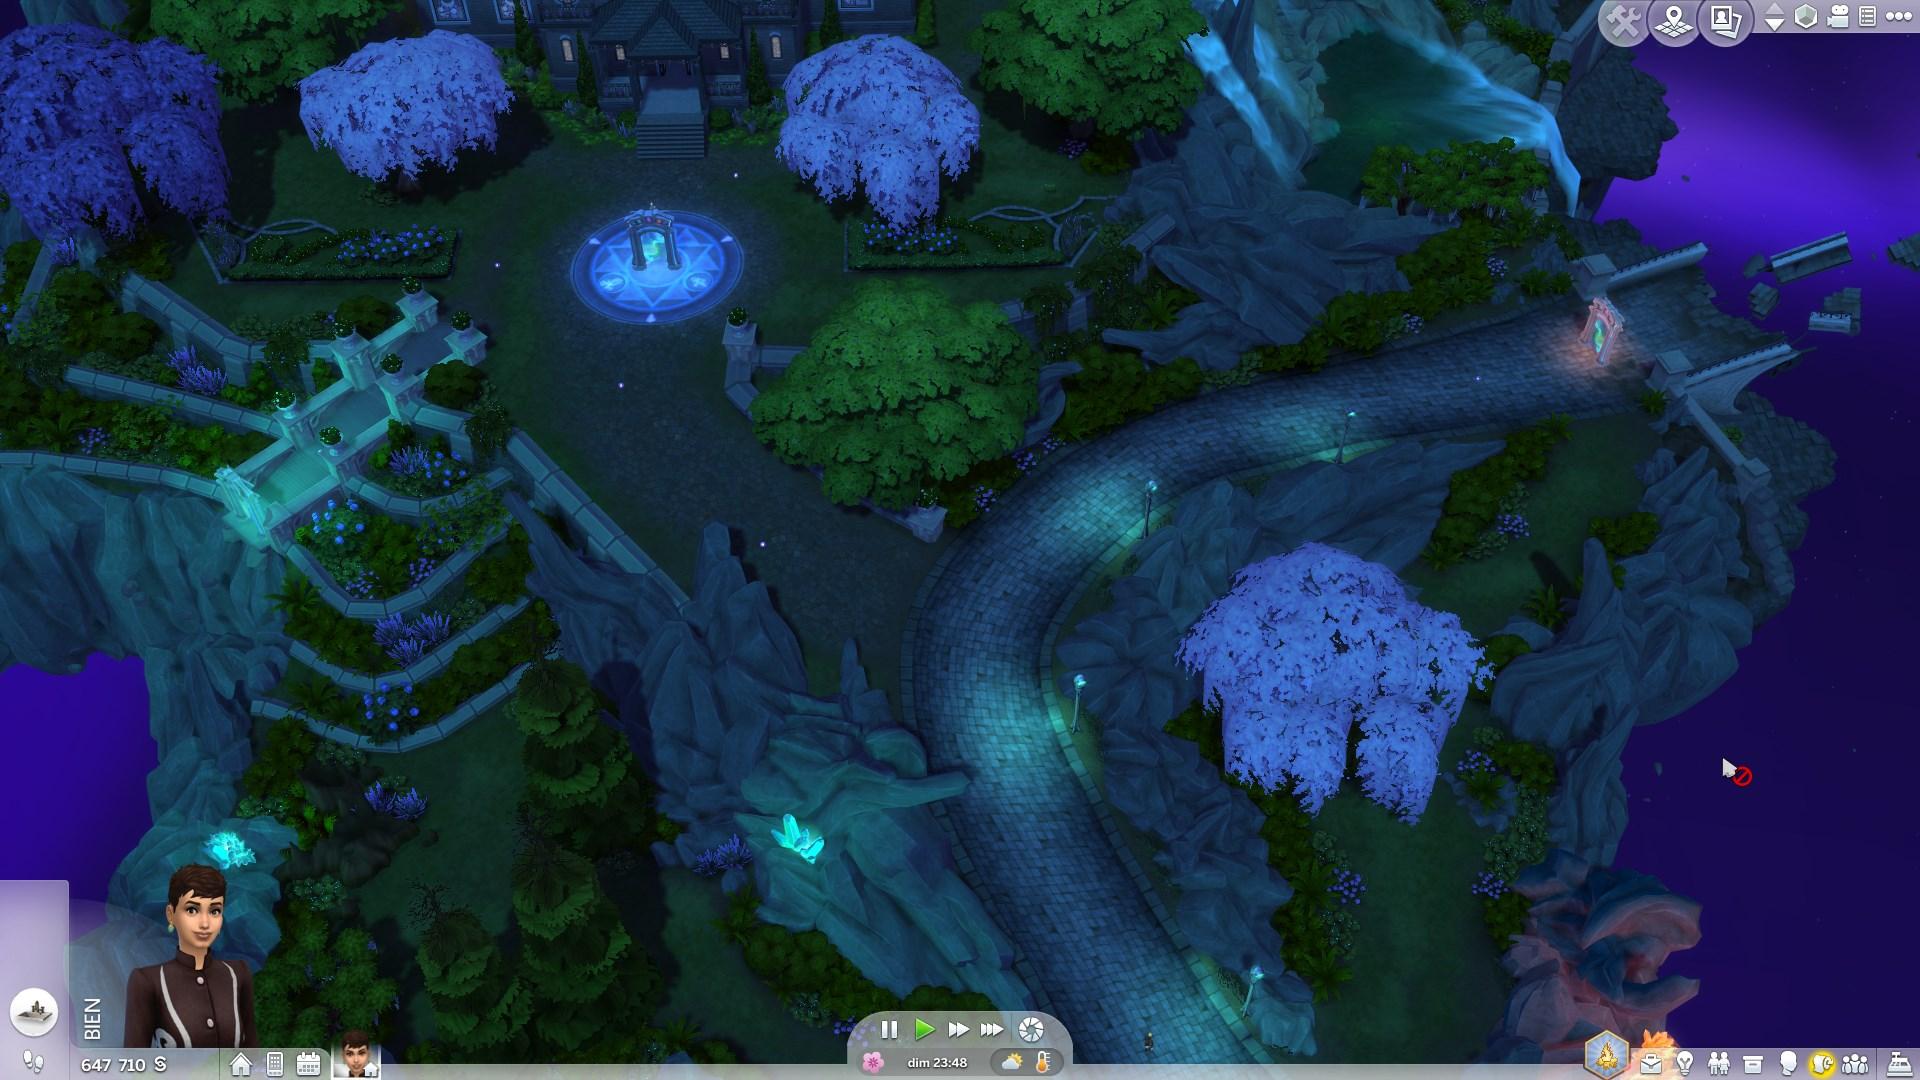 Sims rencontres jeux Téléchargement gratuit